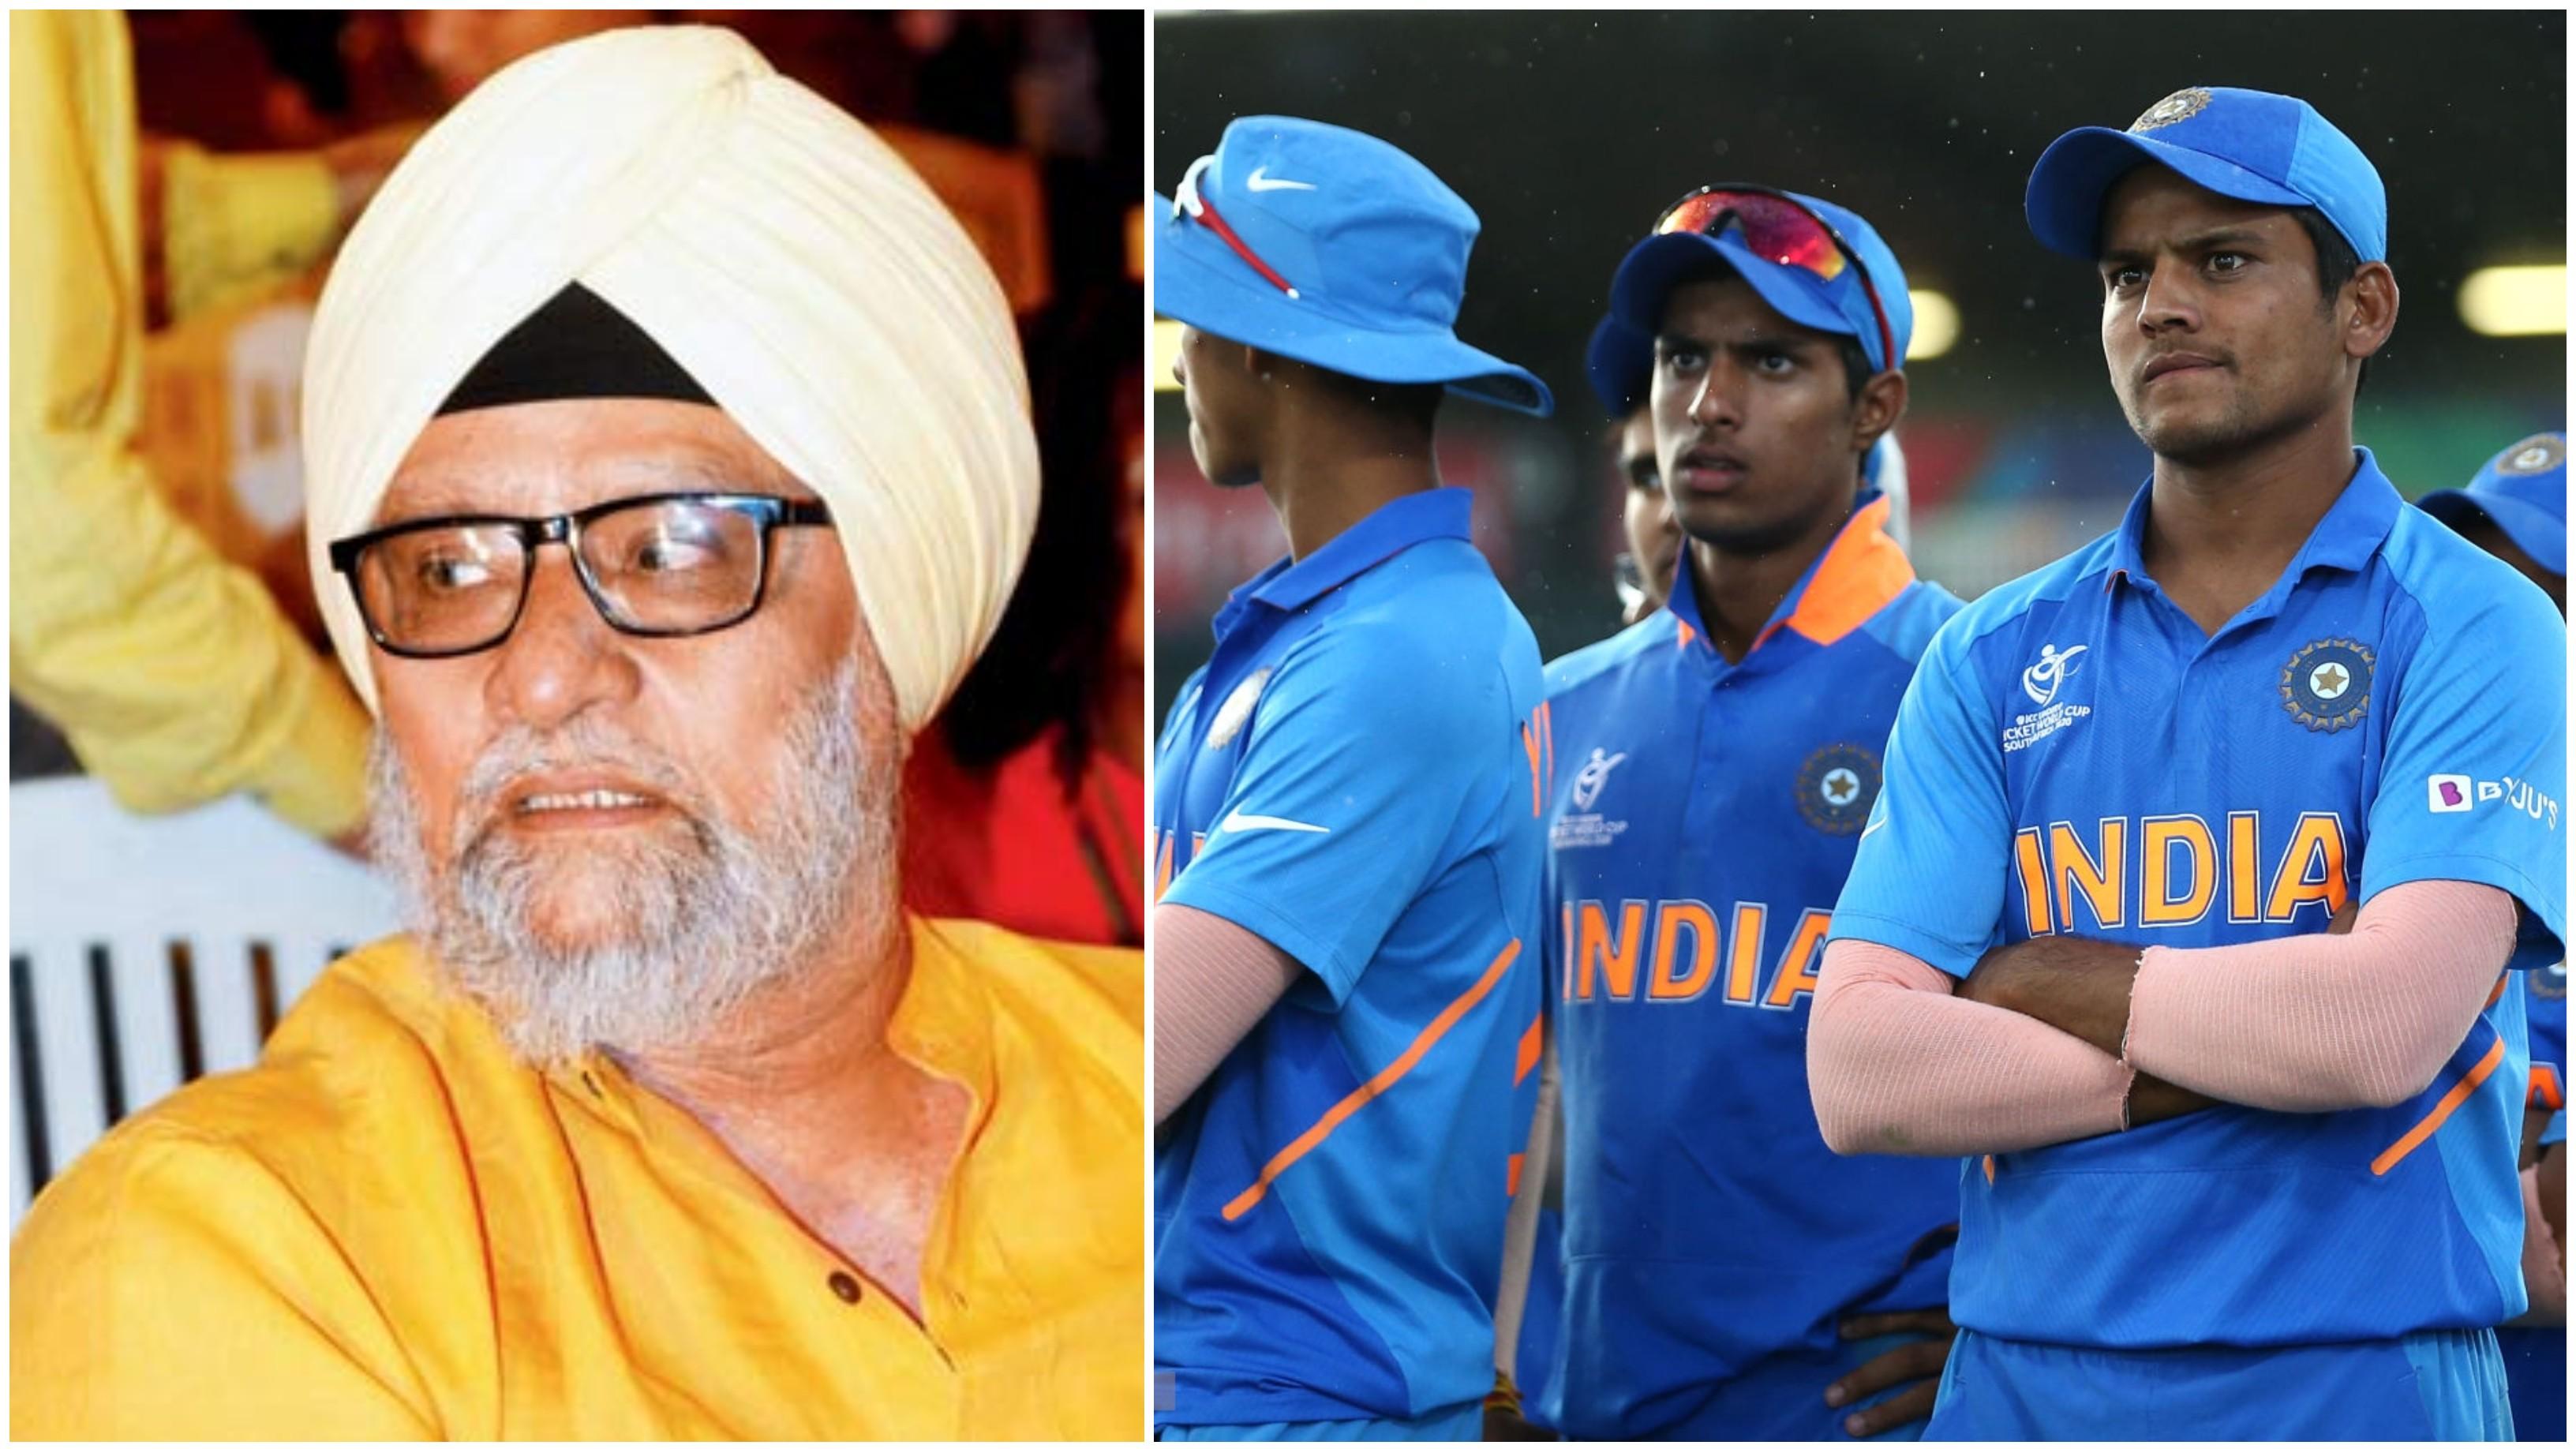 बिशन सिंह बेदी ने अंडर-19 विश्वकप फाइनल में भारतीय टीम के रवैये को बताया 'भद्दा और शर्मनाक'